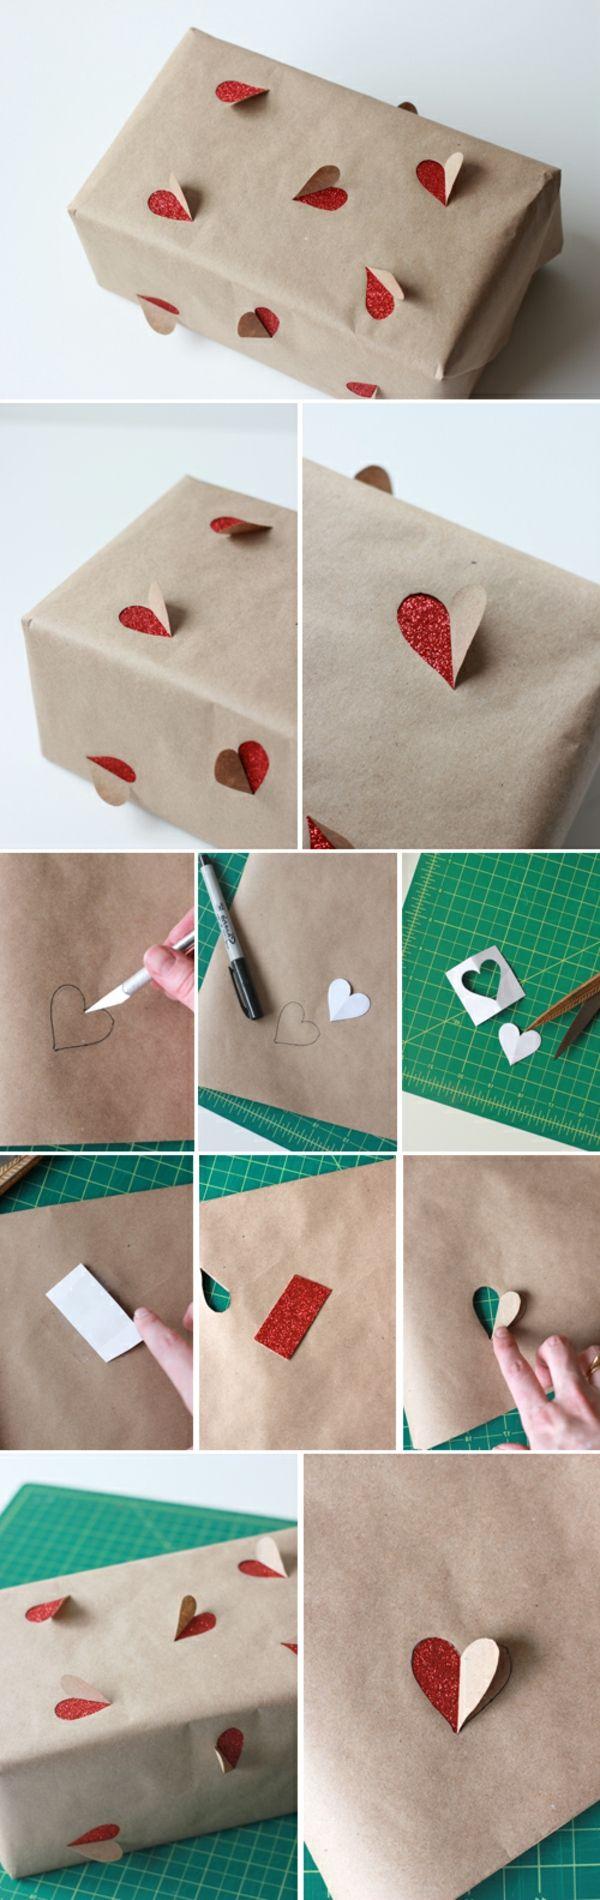 Cadeaux Fait Maison Pour Noel 64 idées d'emballage cadeau original - archzine.fr